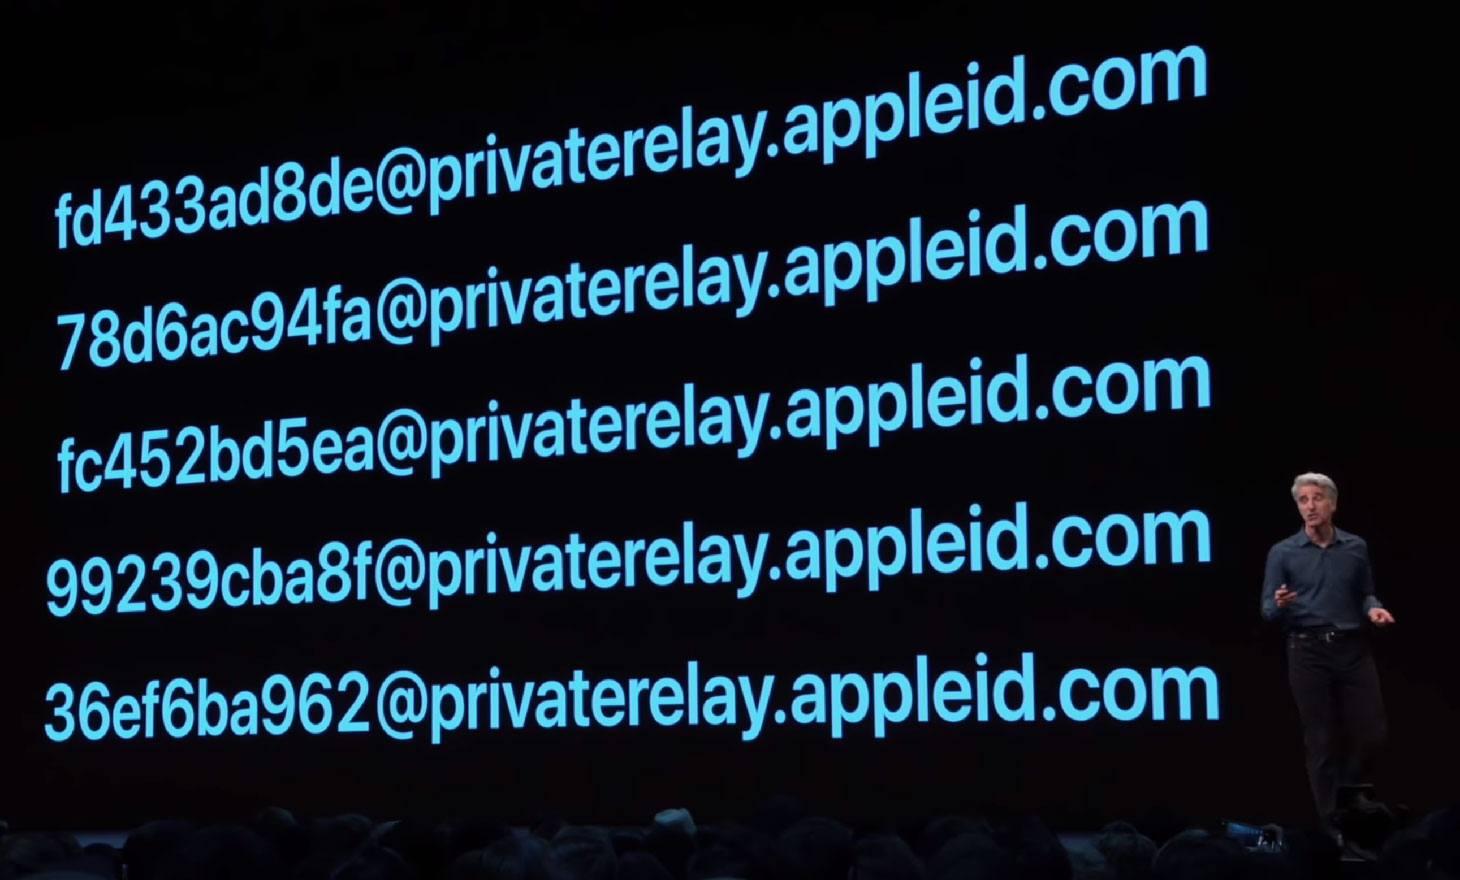 Esempi di indirizzi e-mail generati in modo casual da Sign In with Apple.